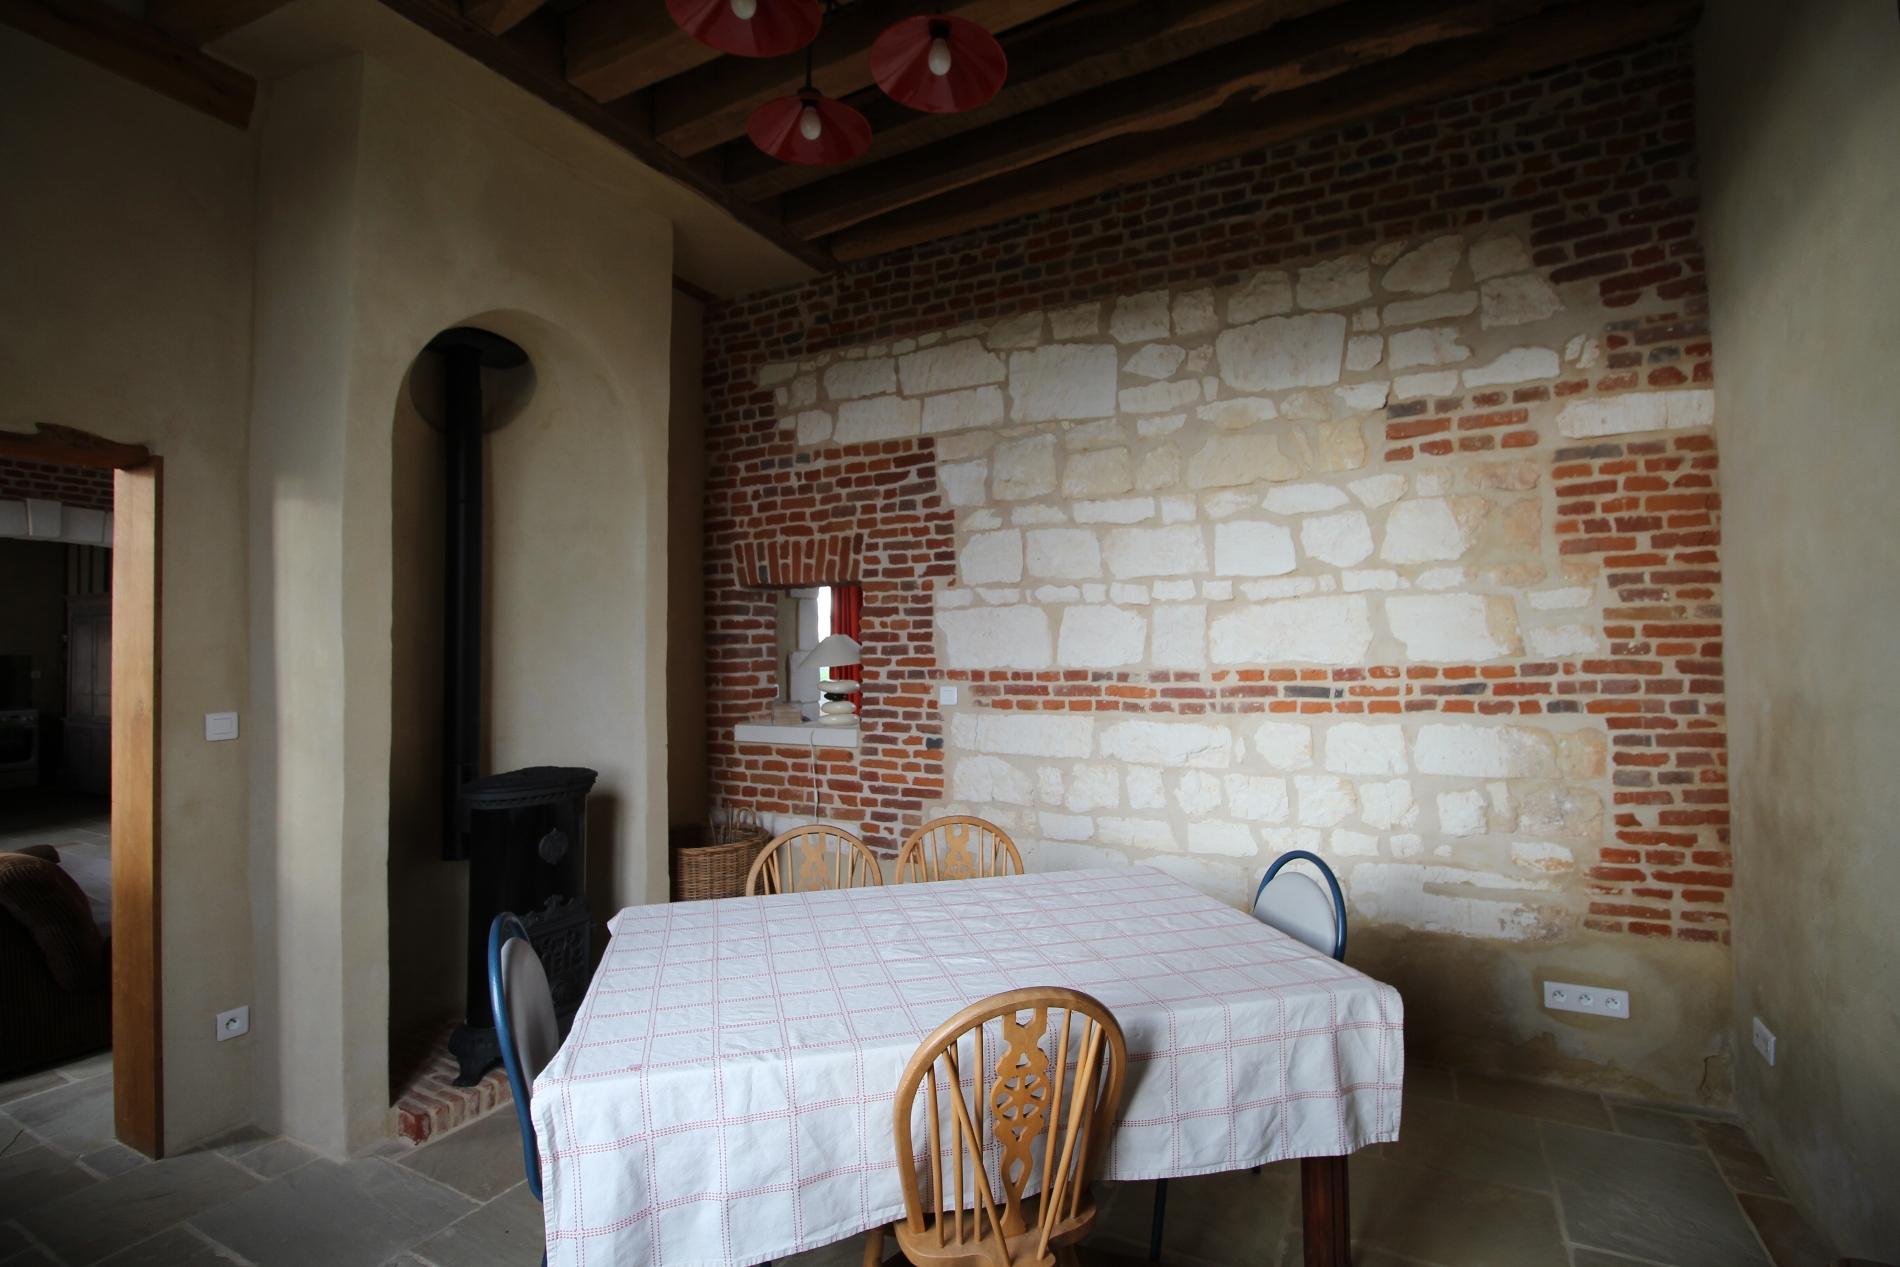 acheter vente d 39 une maison ancienne en briques et pierres. Black Bedroom Furniture Sets. Home Design Ideas